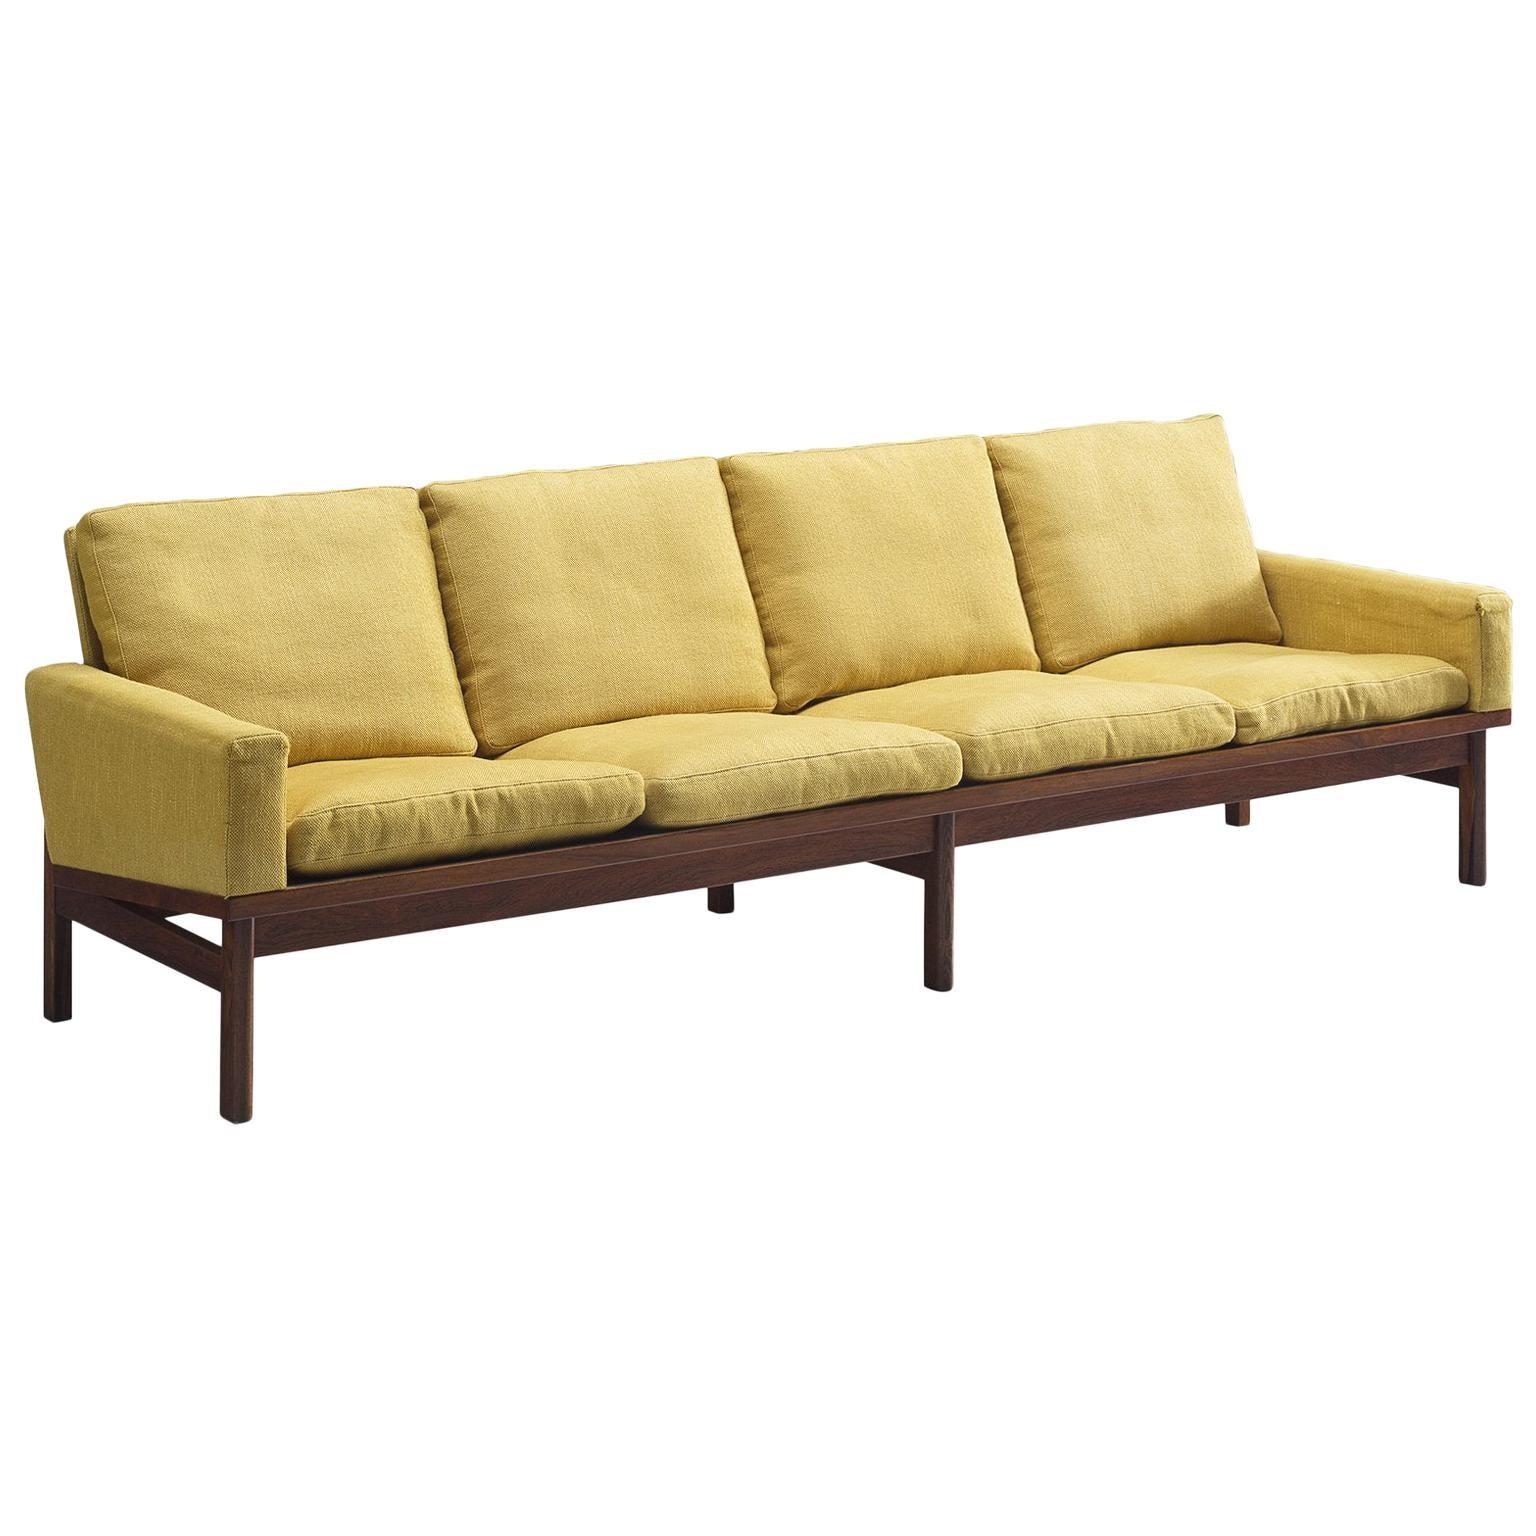 Danish Four-Seat Sofa in Yellow Fabric